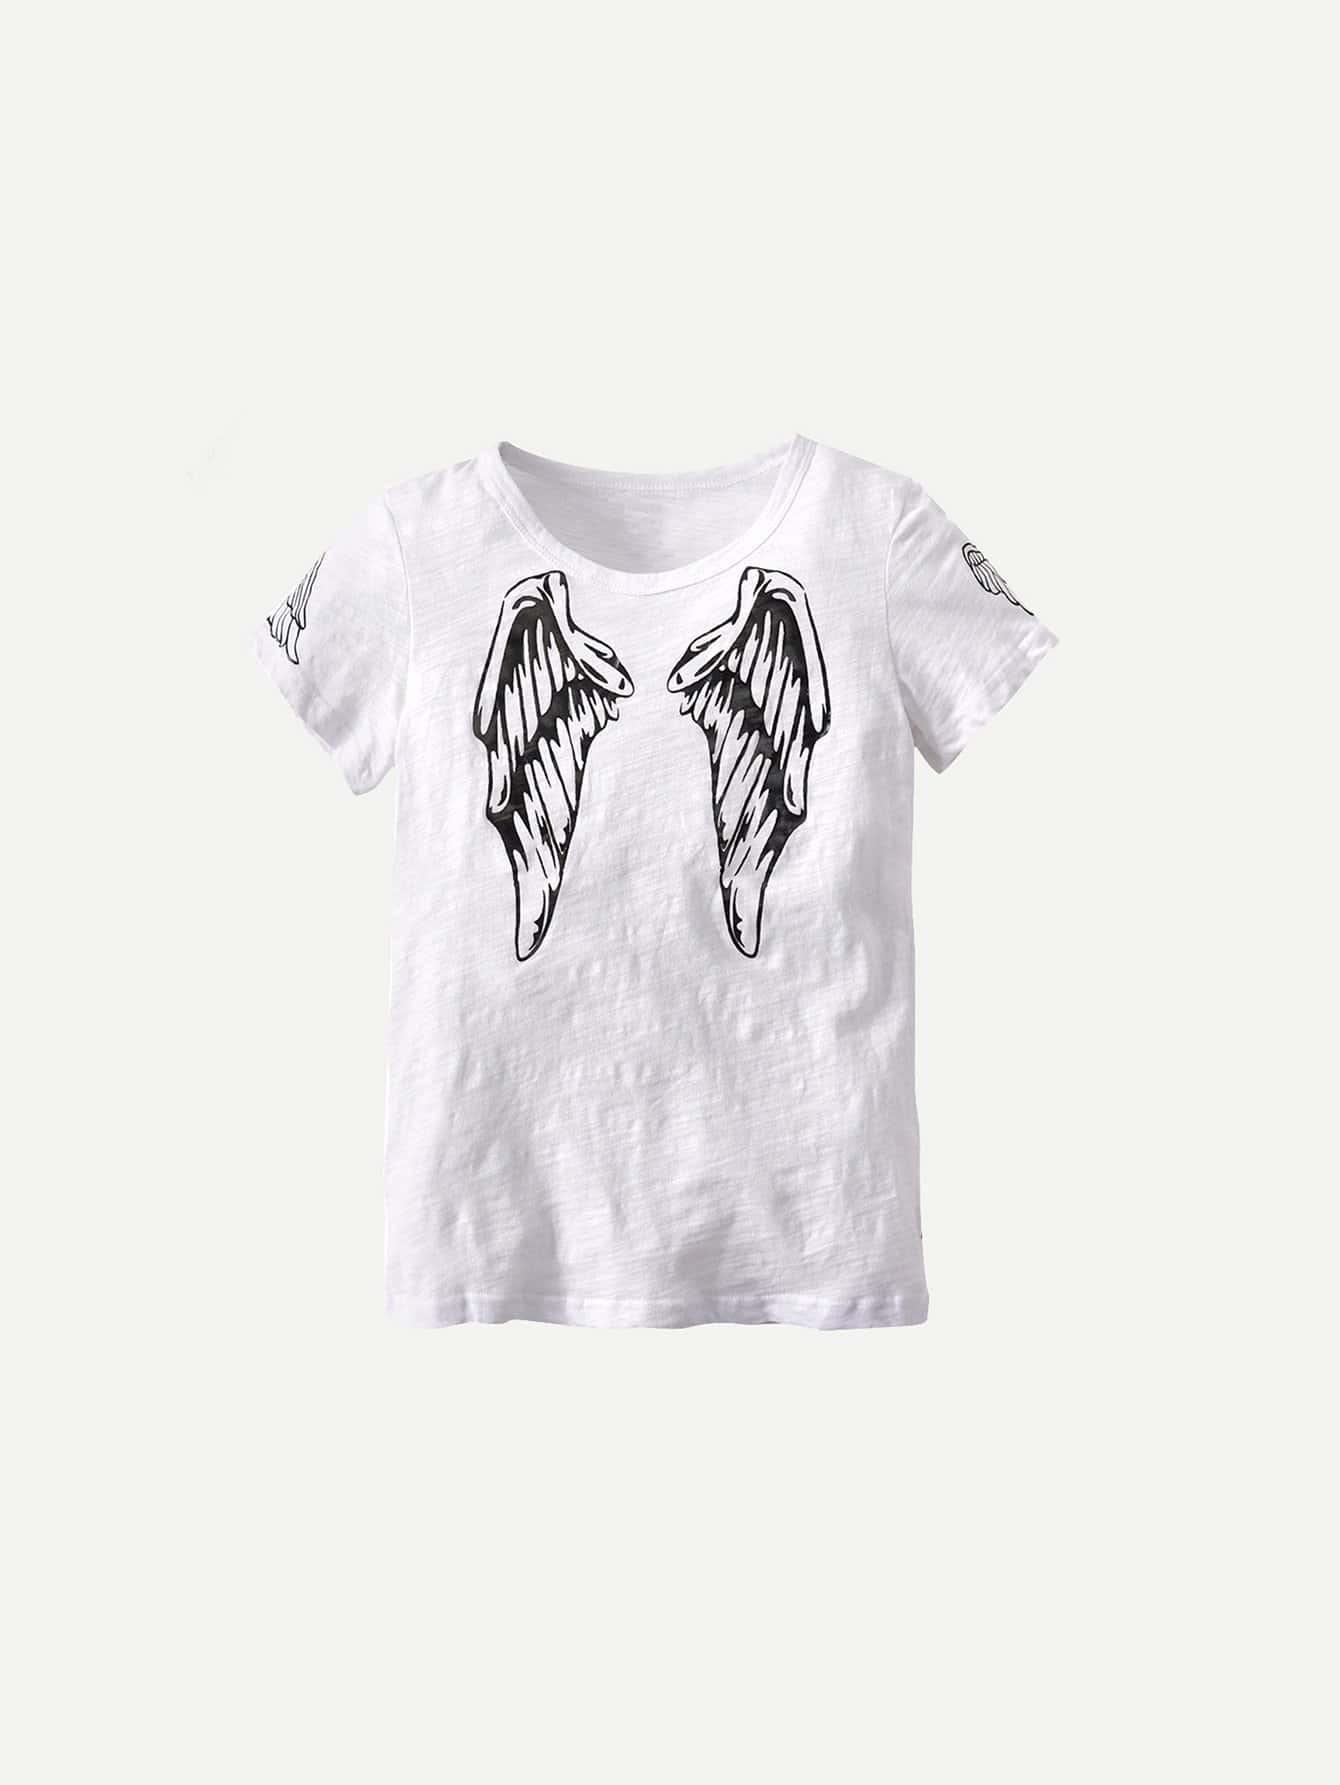 Boys Wings Print Tee boys tee